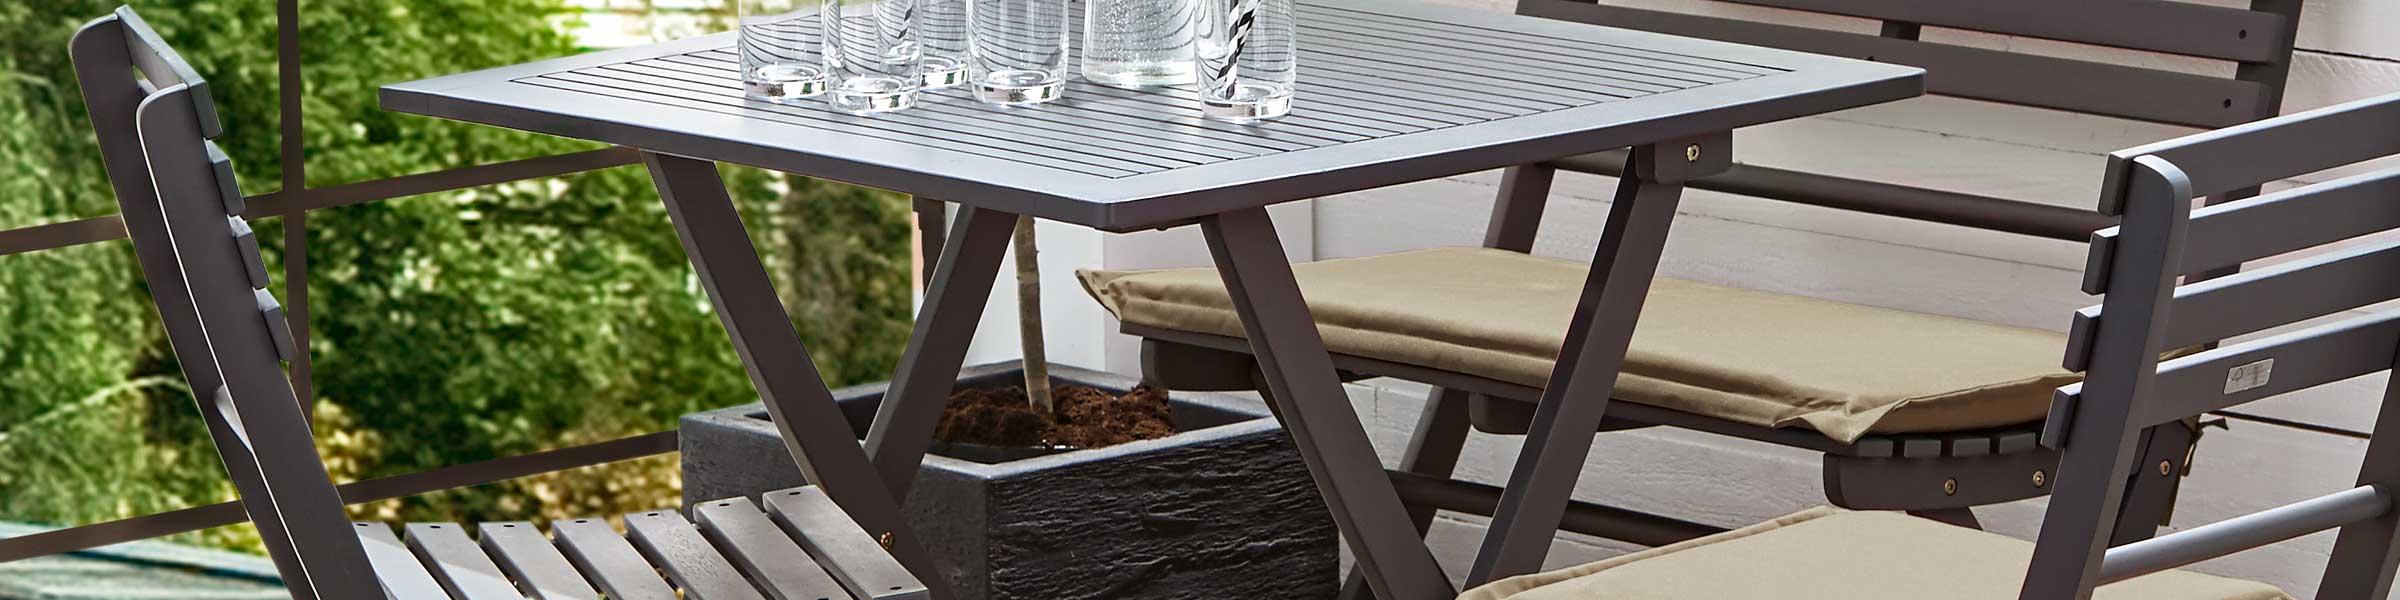 Gartentische Stuhle Bei Dehner Online Kaufen Dehner